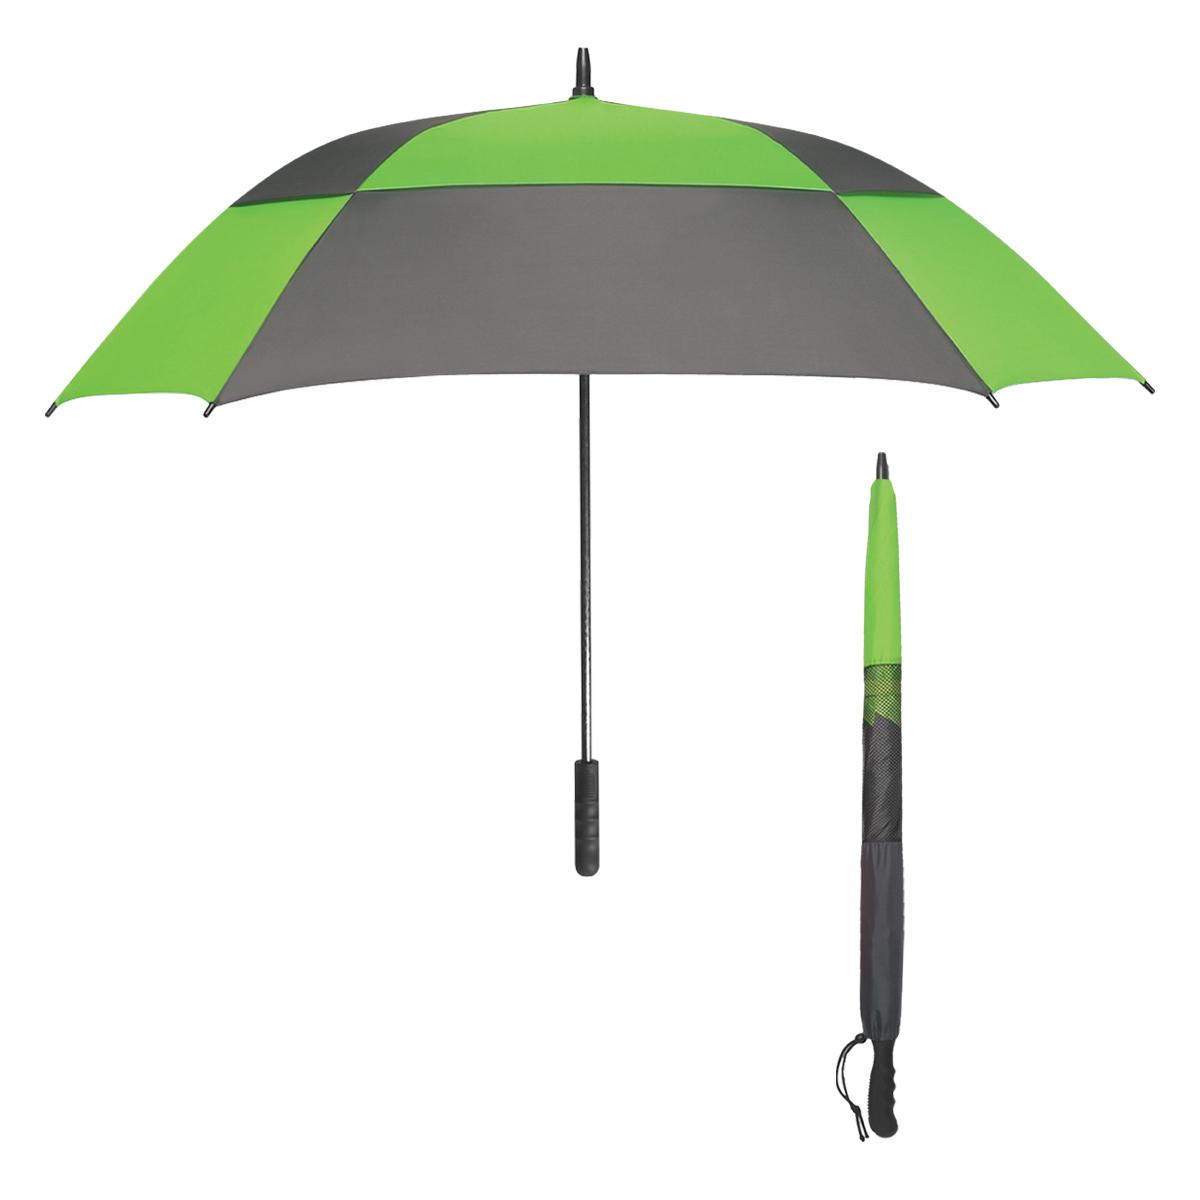 4034 - Paraguas arco cuadrado